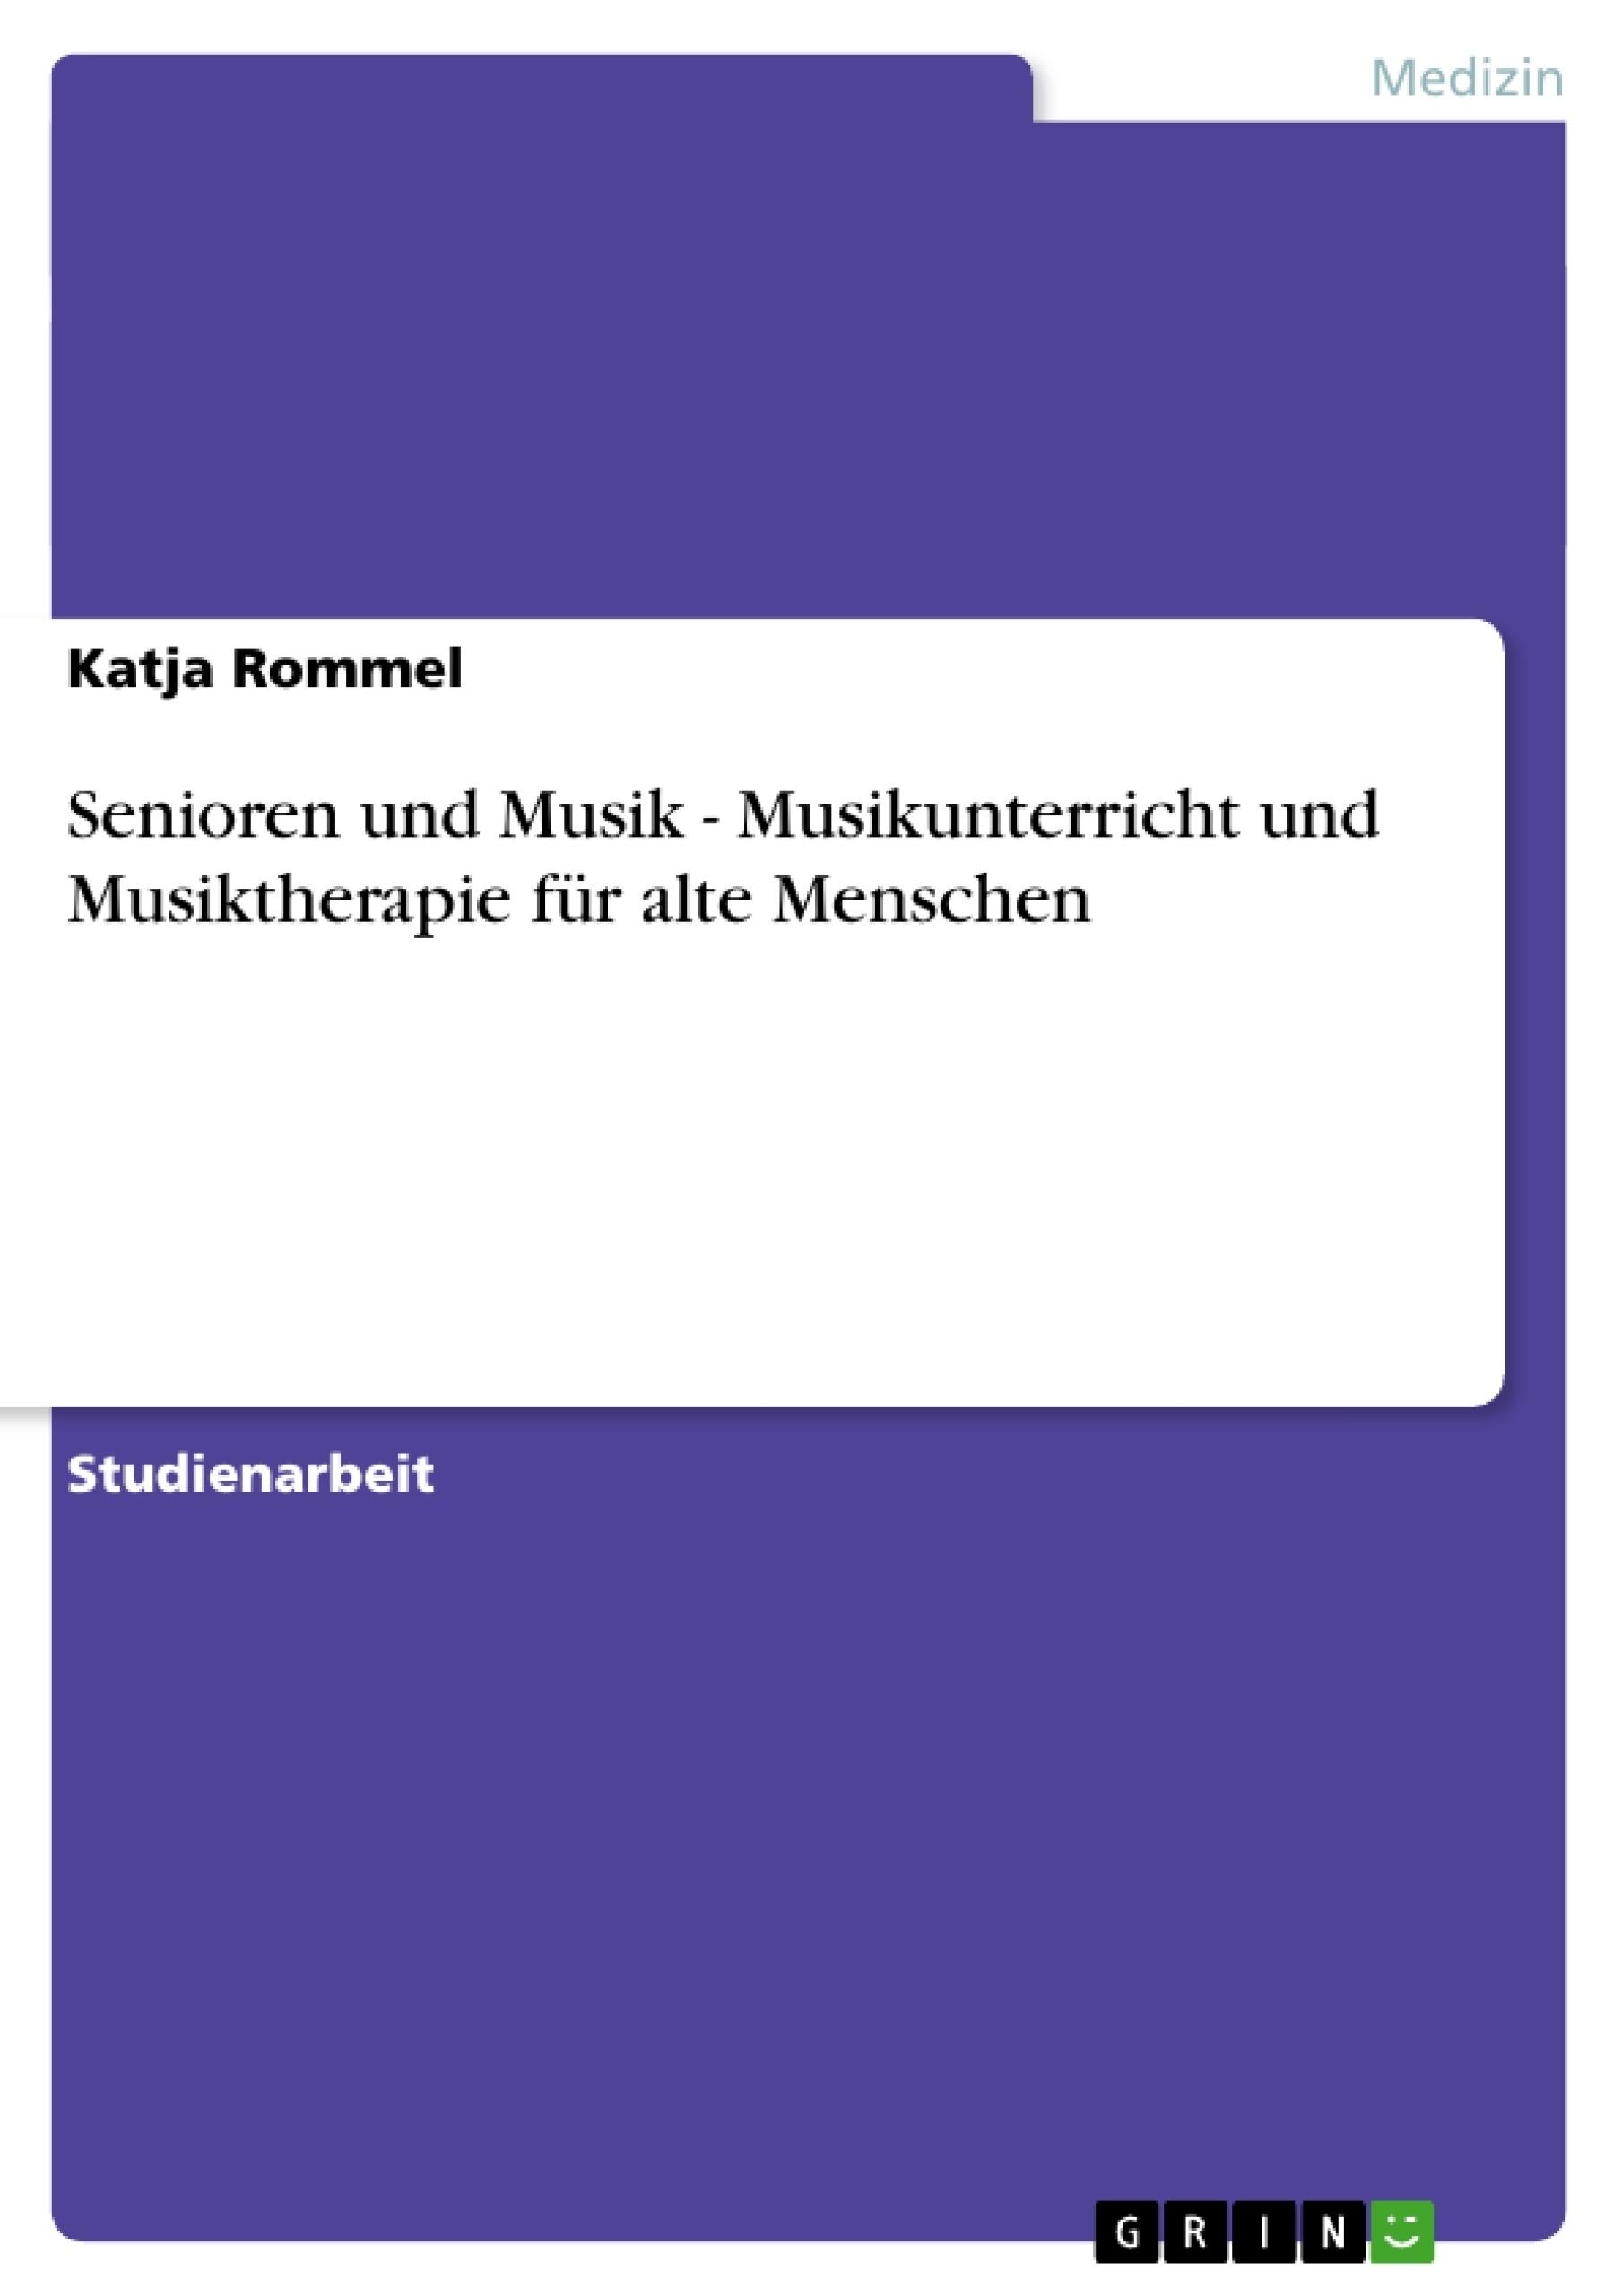 Titel: Senioren und Musik - Musikunterricht und Musiktherapie für alte Menschen